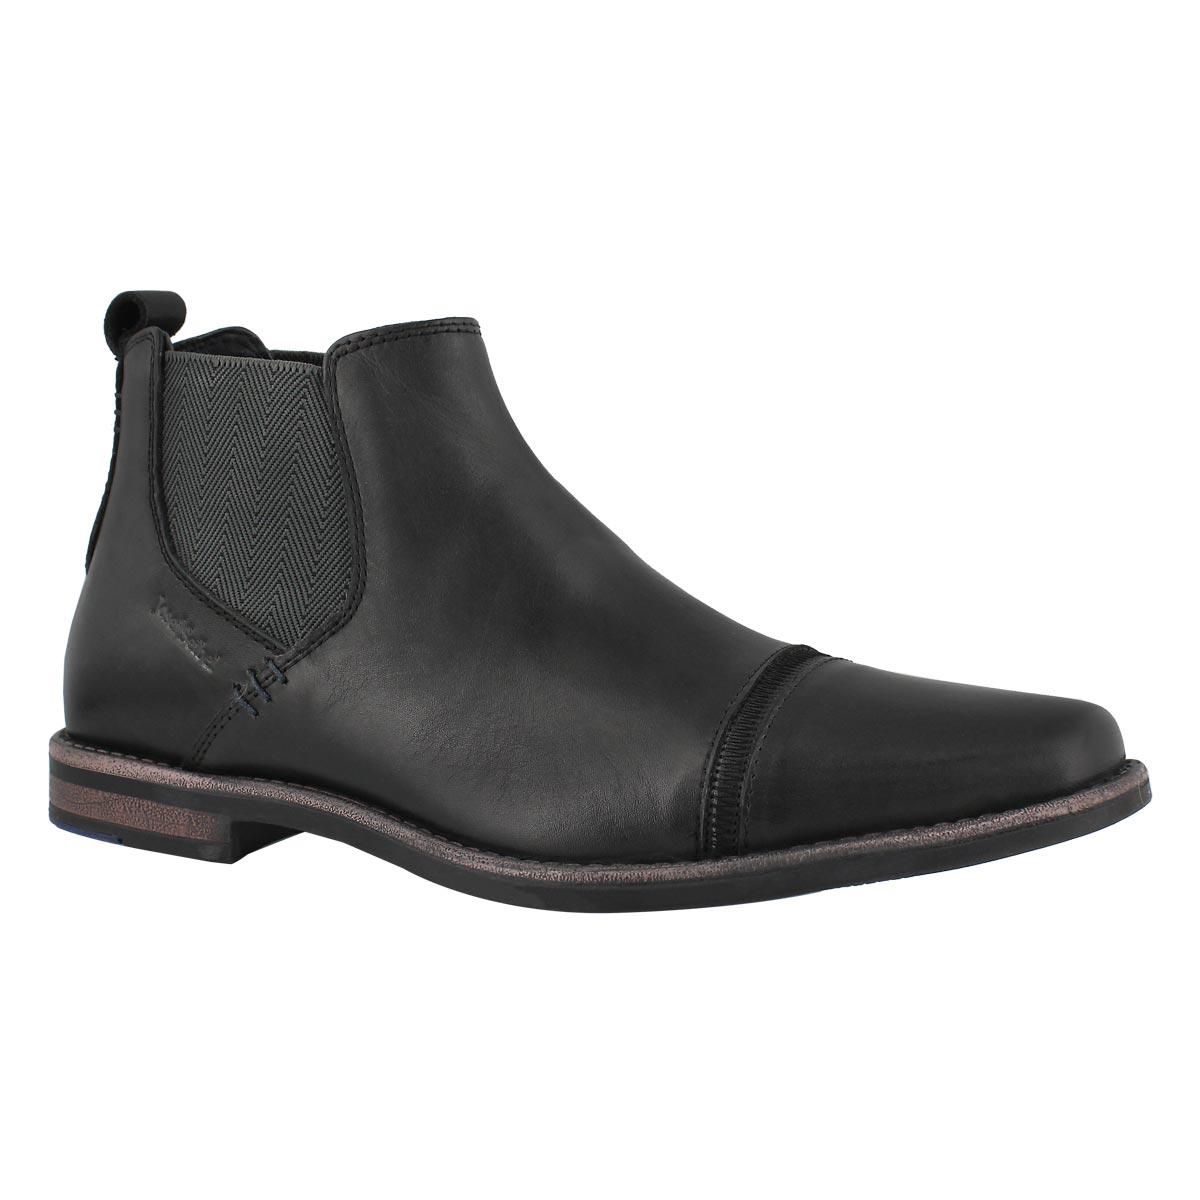 Mns Andrew 23 black slip on dress boot